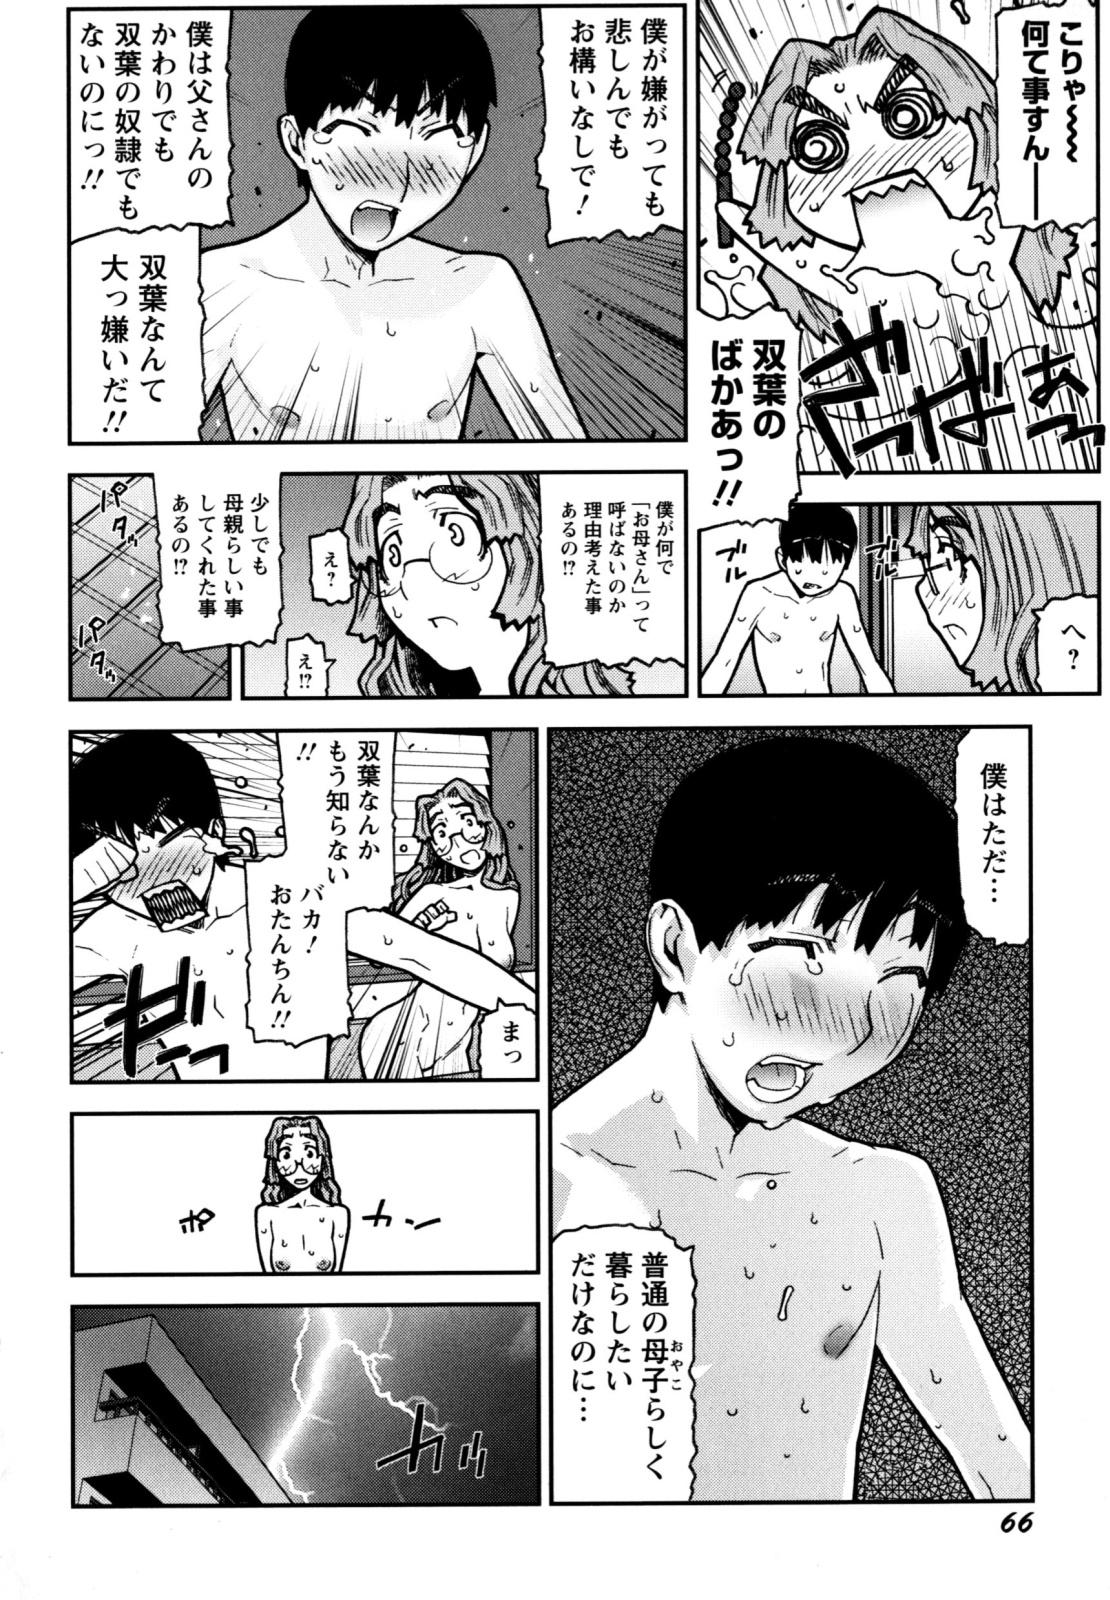 Fukuro no Nakami 69